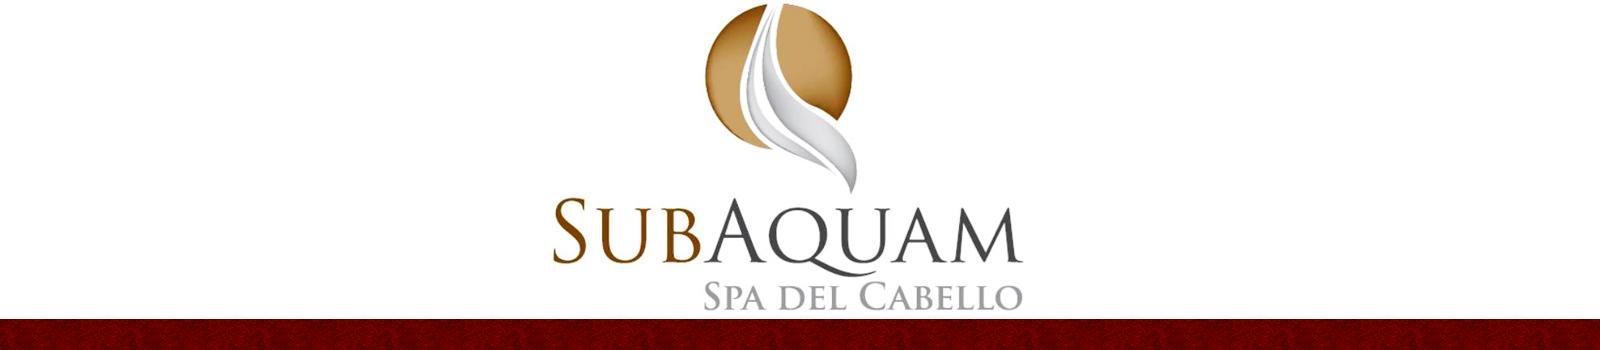 Subaquam, peluquería, tratamientos cabello, primera clínica de valladolid